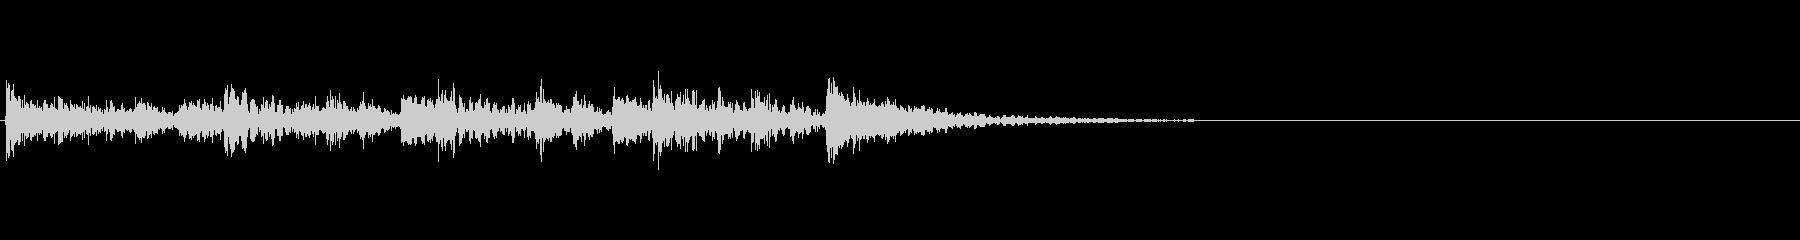 生ドラム_Fill inサンプリング  の未再生の波形